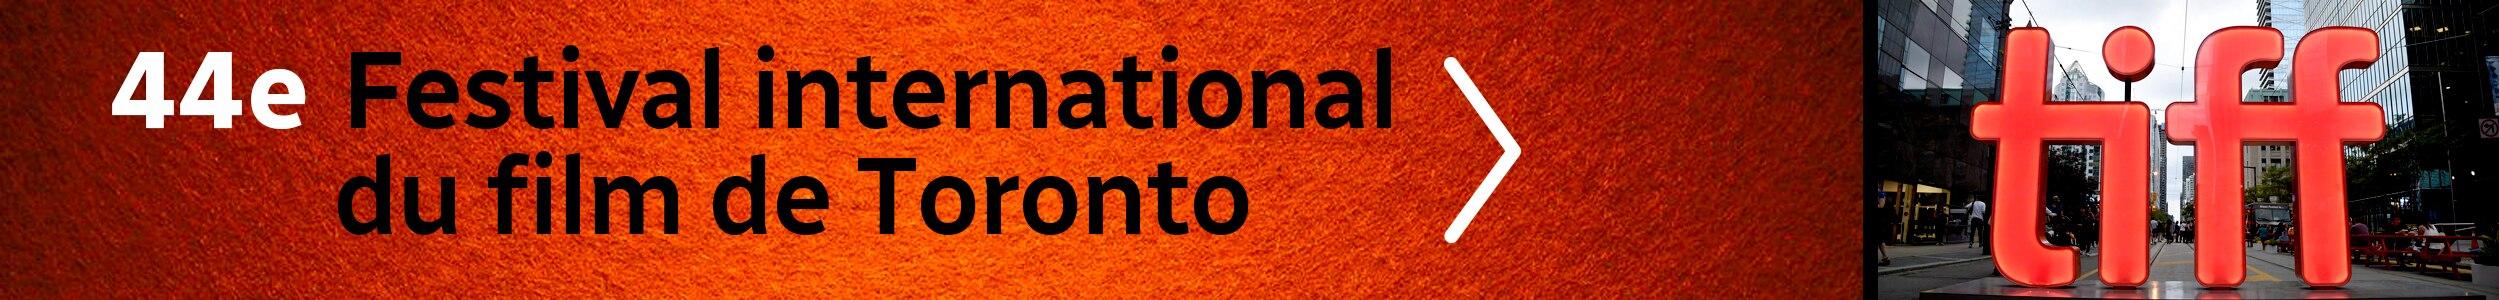 Un bandeau annonçant le dossier de Radio-Canada sur le Festival international du film de Toronto